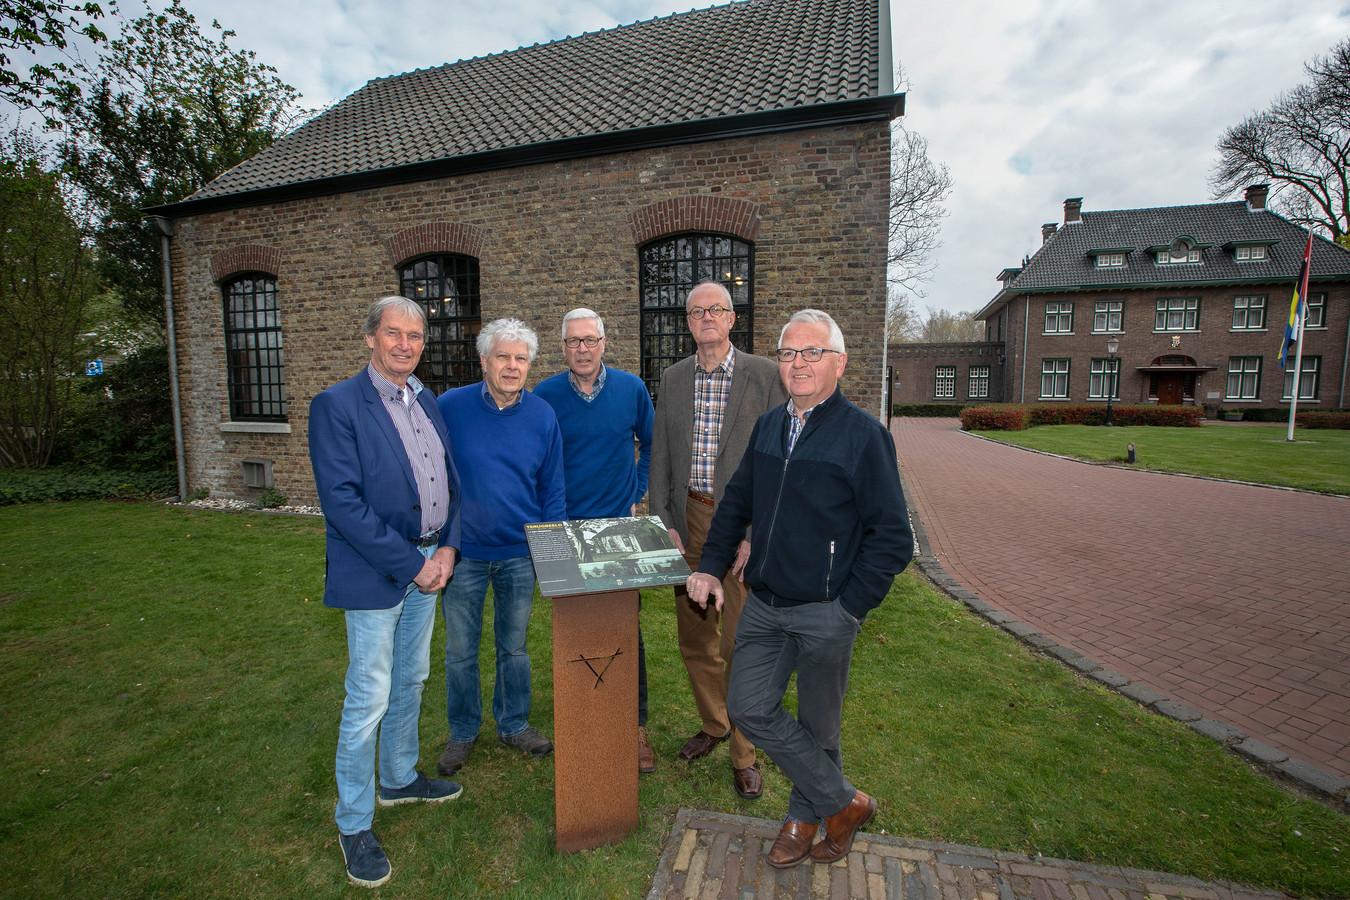 Cor Molenaar, Roland van Pareren, Jan van Stiphout, Peter van Dongen en Martien Jansen (vlnr) van stichting Nuenen 200.